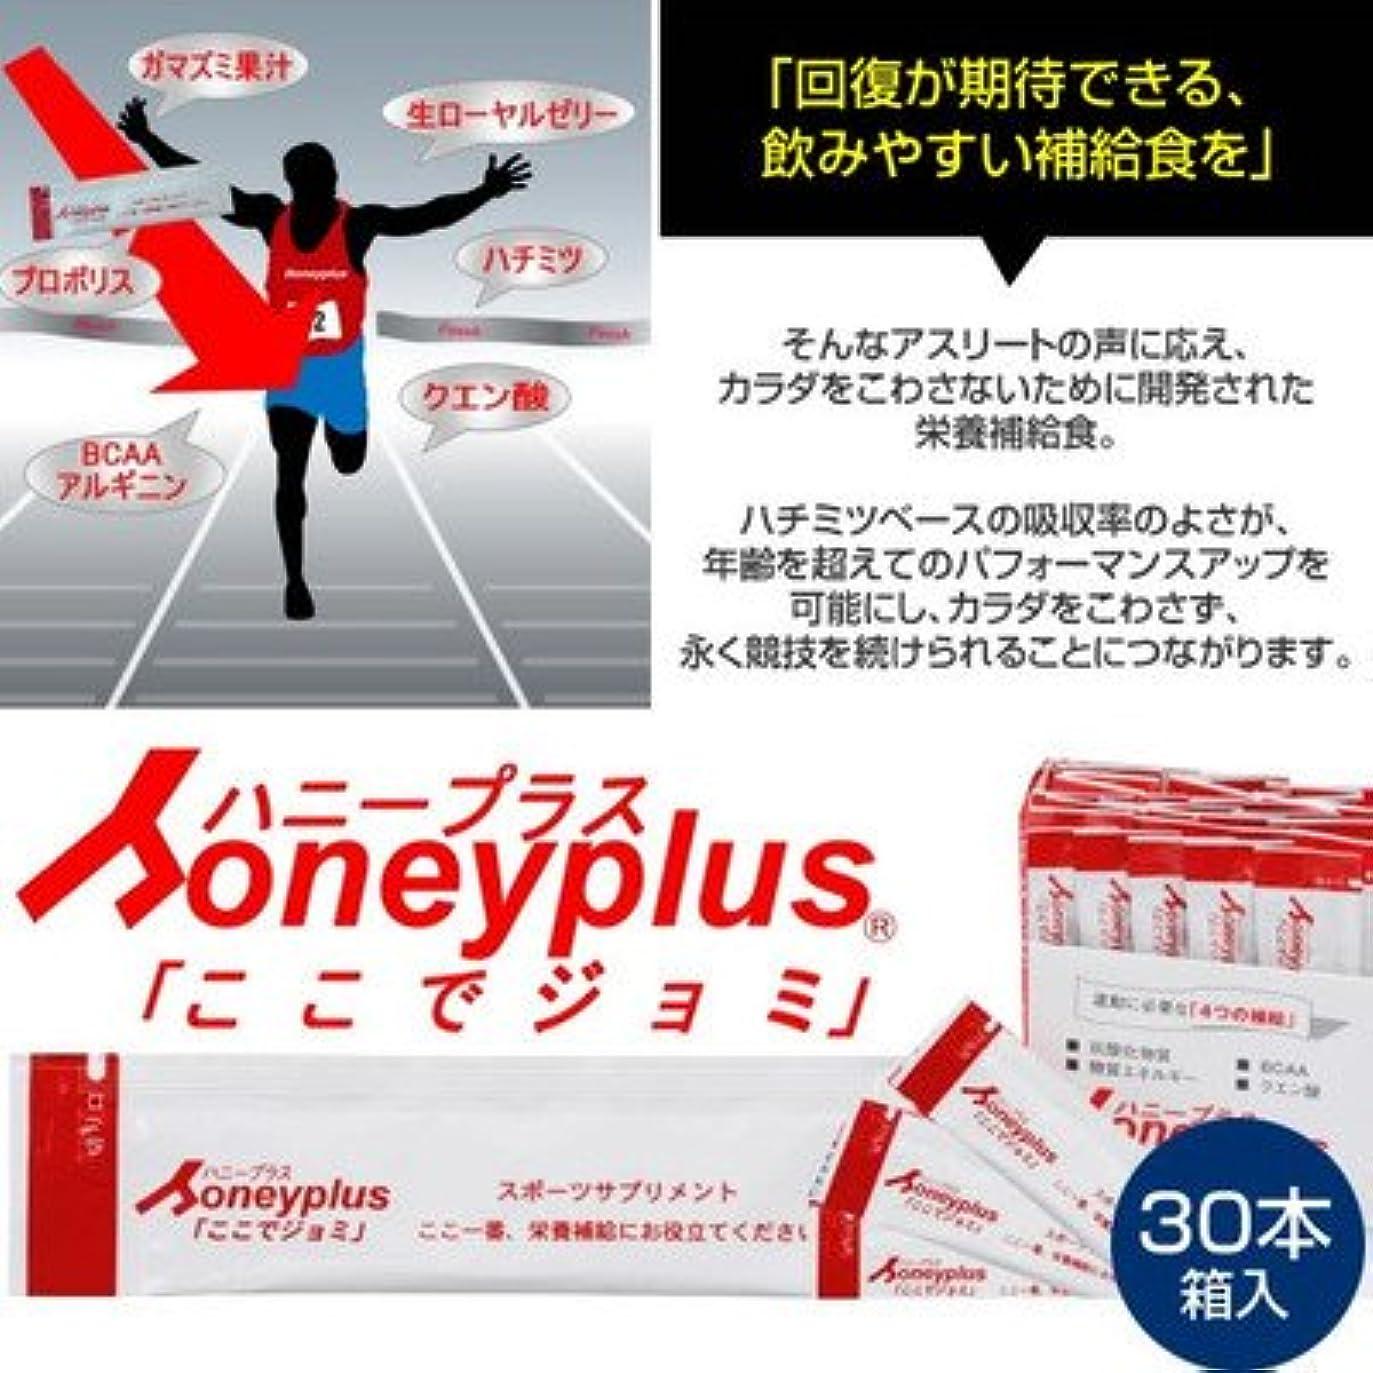 擁するラショナル平らにするHoneyplus「ここでジョミ」30本入/箱 運動時に摂るスポーツサプリメント